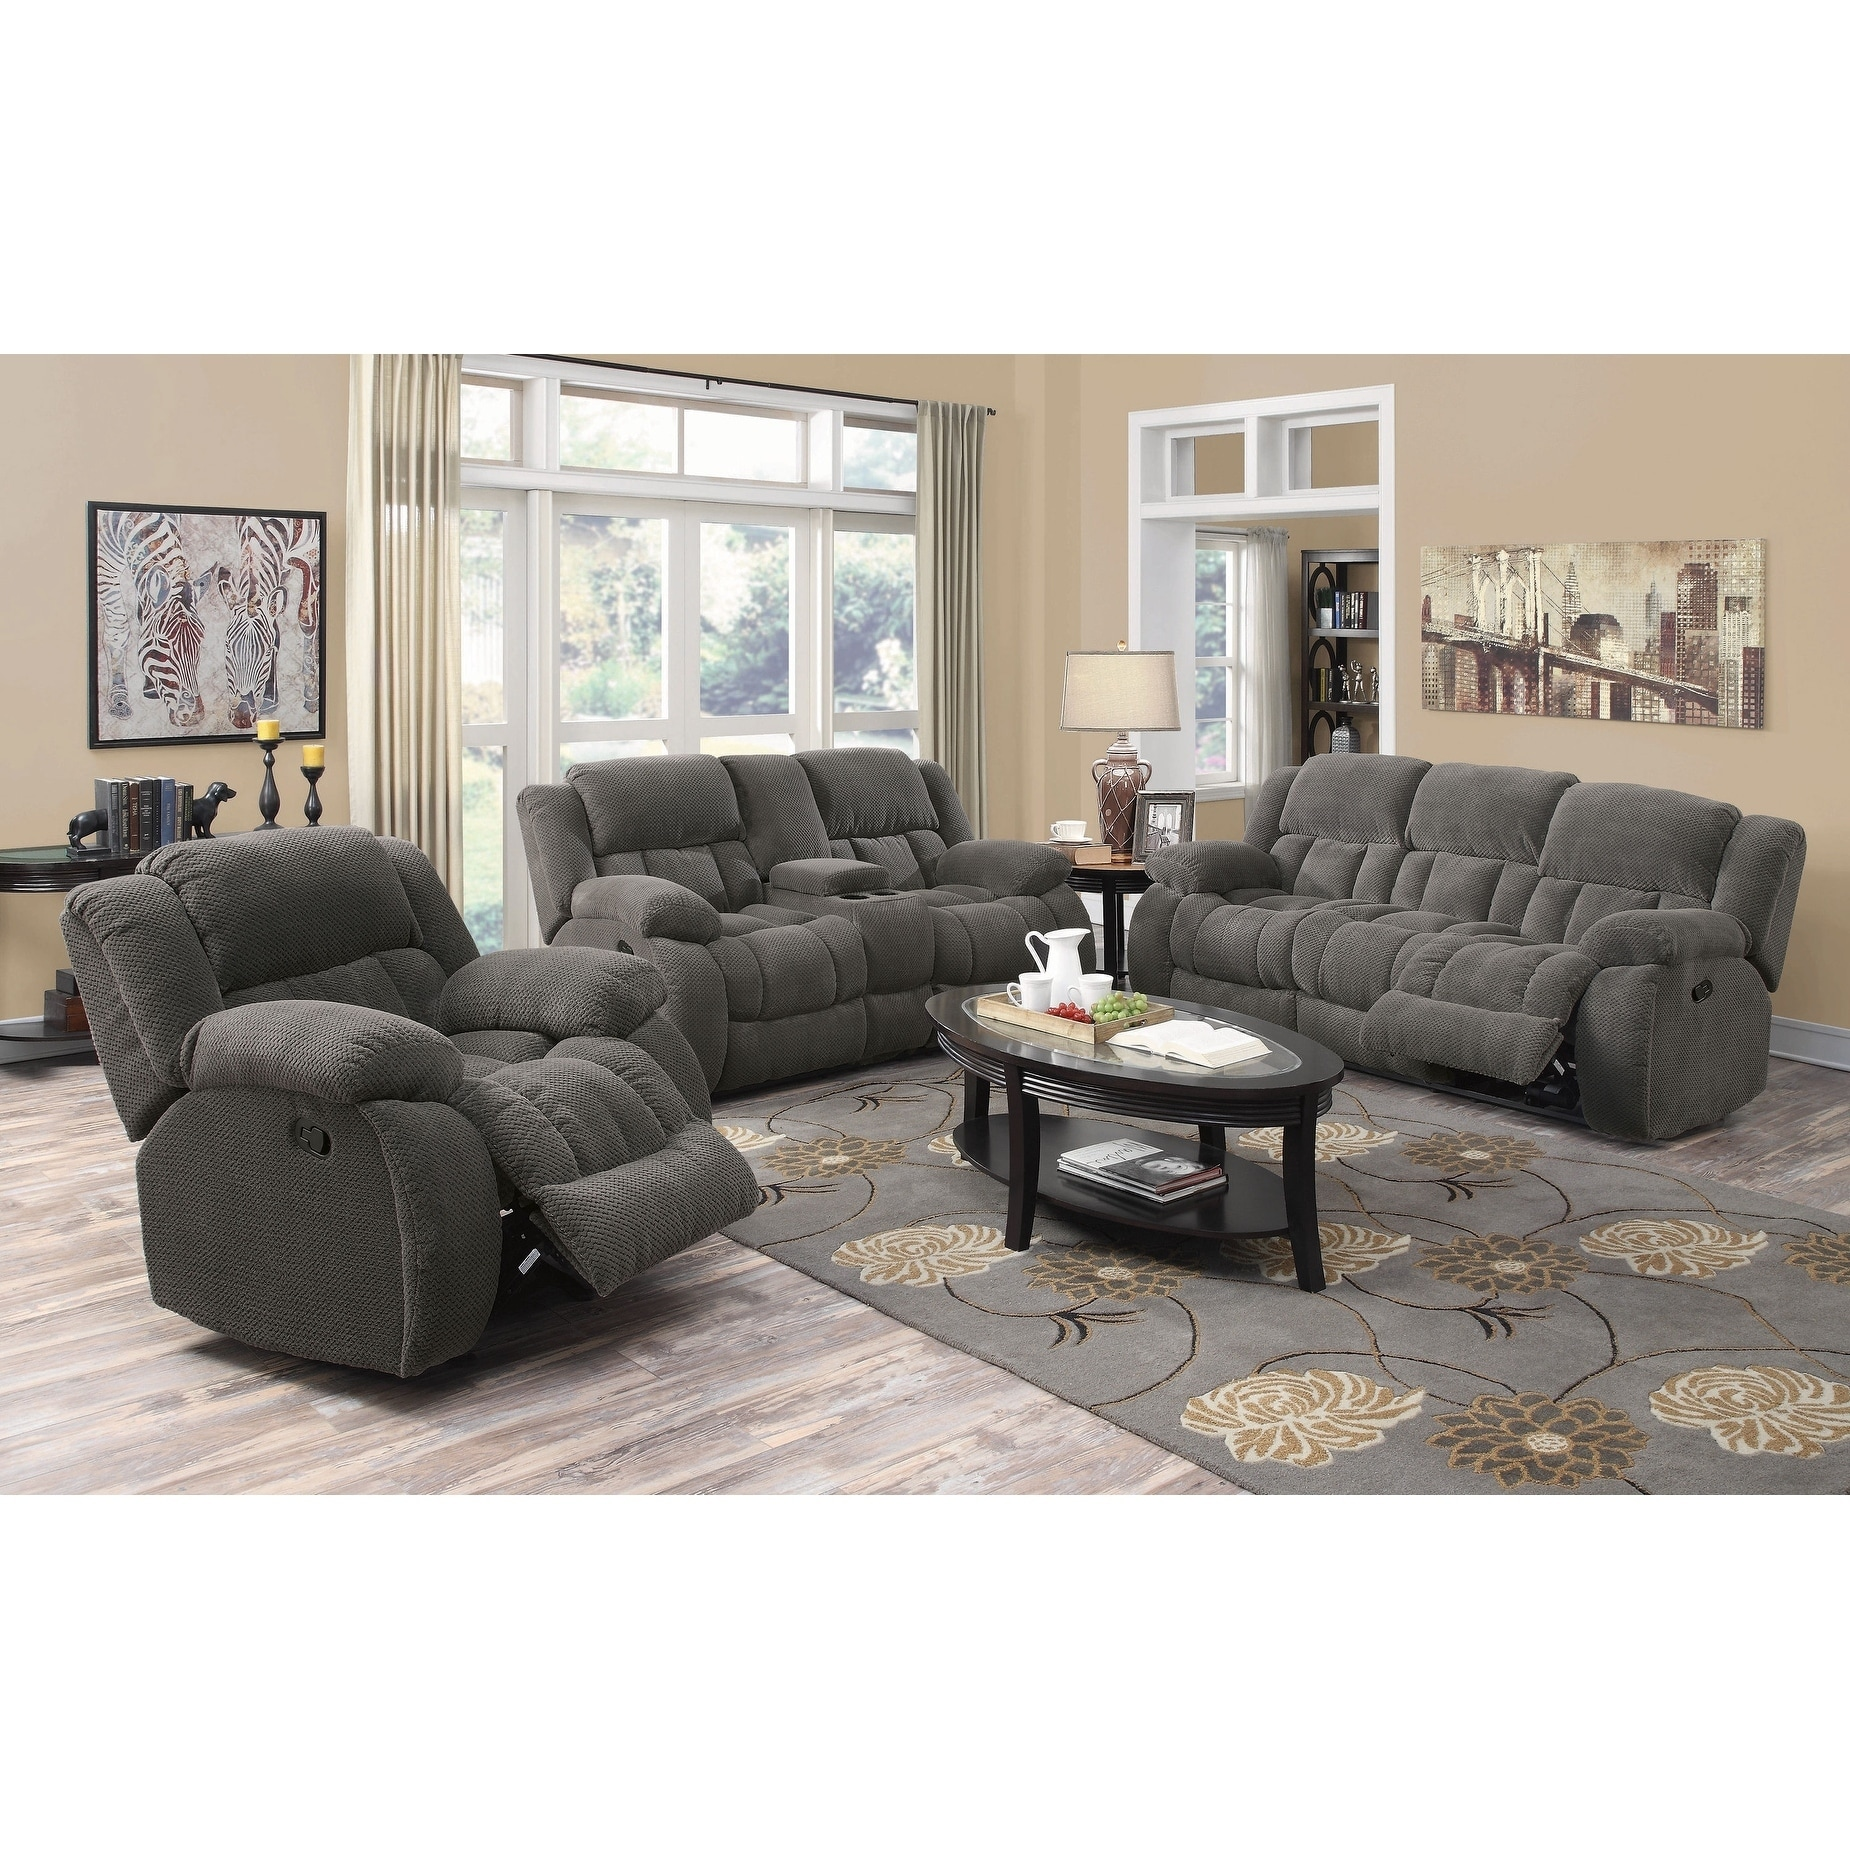 Gerardo 3 Piece Plush Reclining Living Room Set